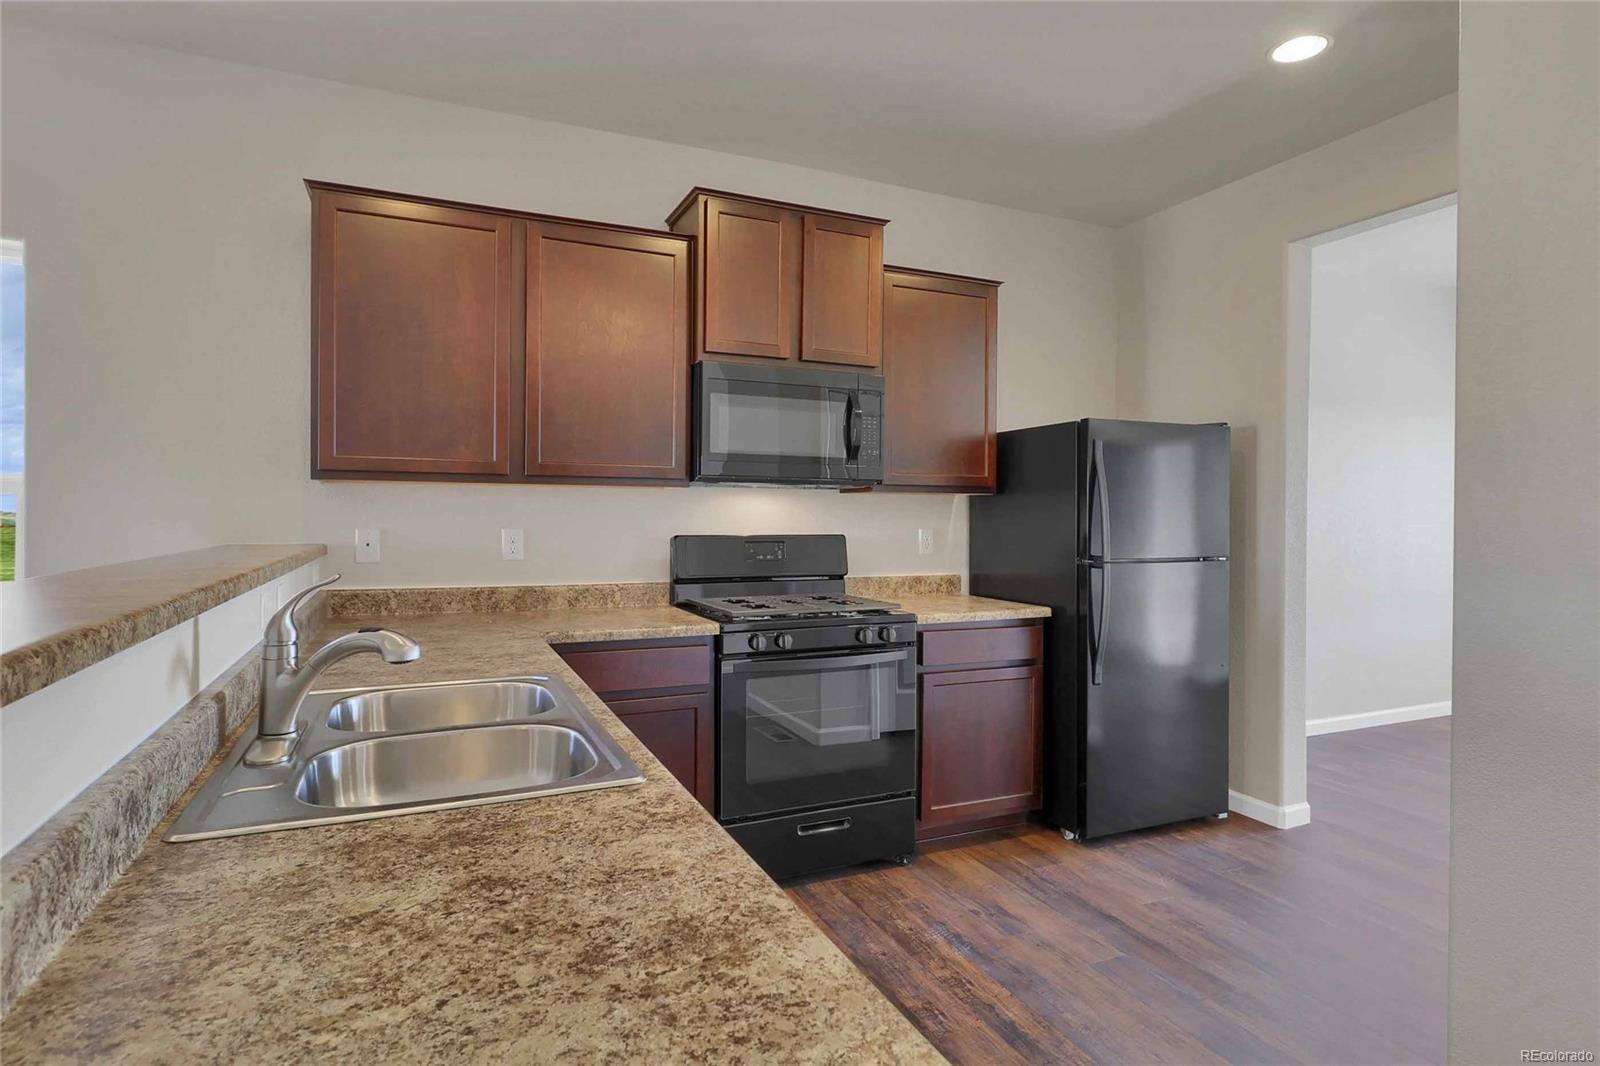 MLS# 9994373 - 1 - 47312  Lilac Avenue, Bennett, CO 80102